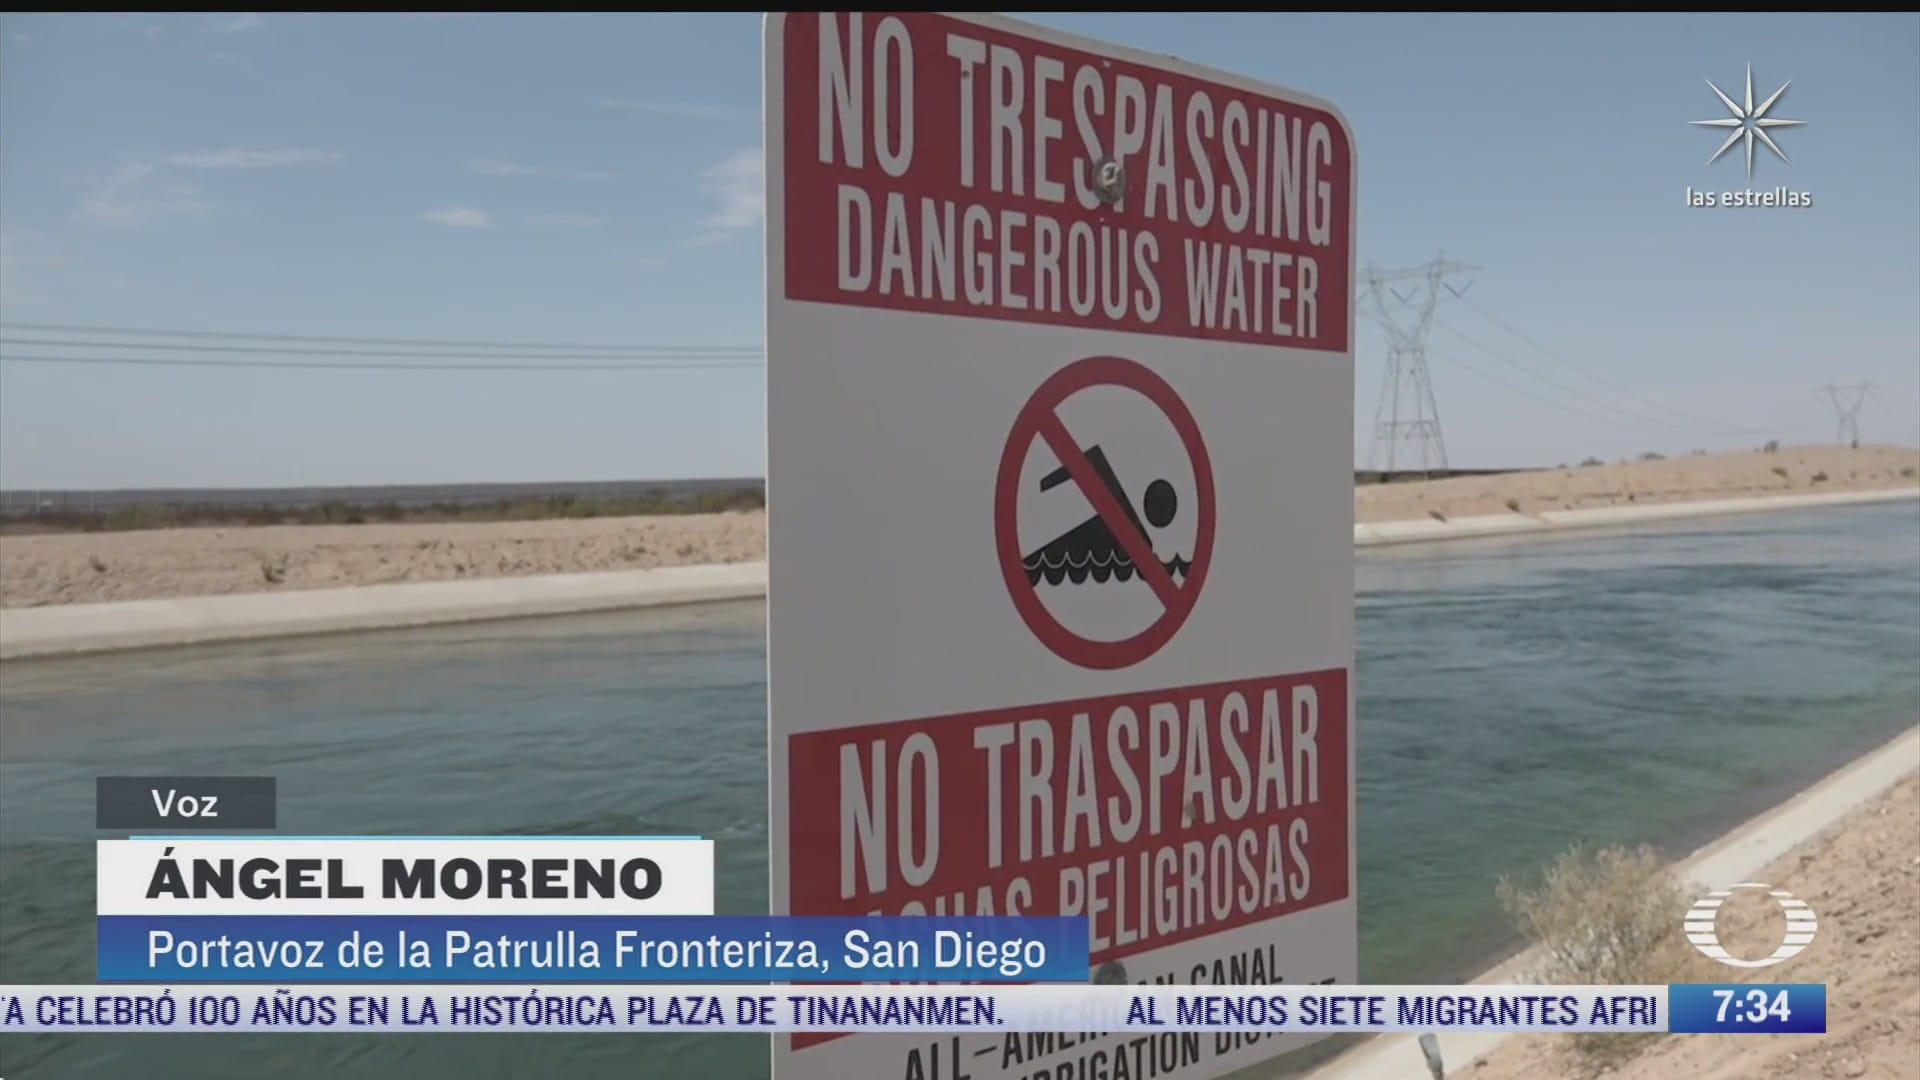 el canal americano el mas peligroso para los migrantes que intentan llegar a eeuu